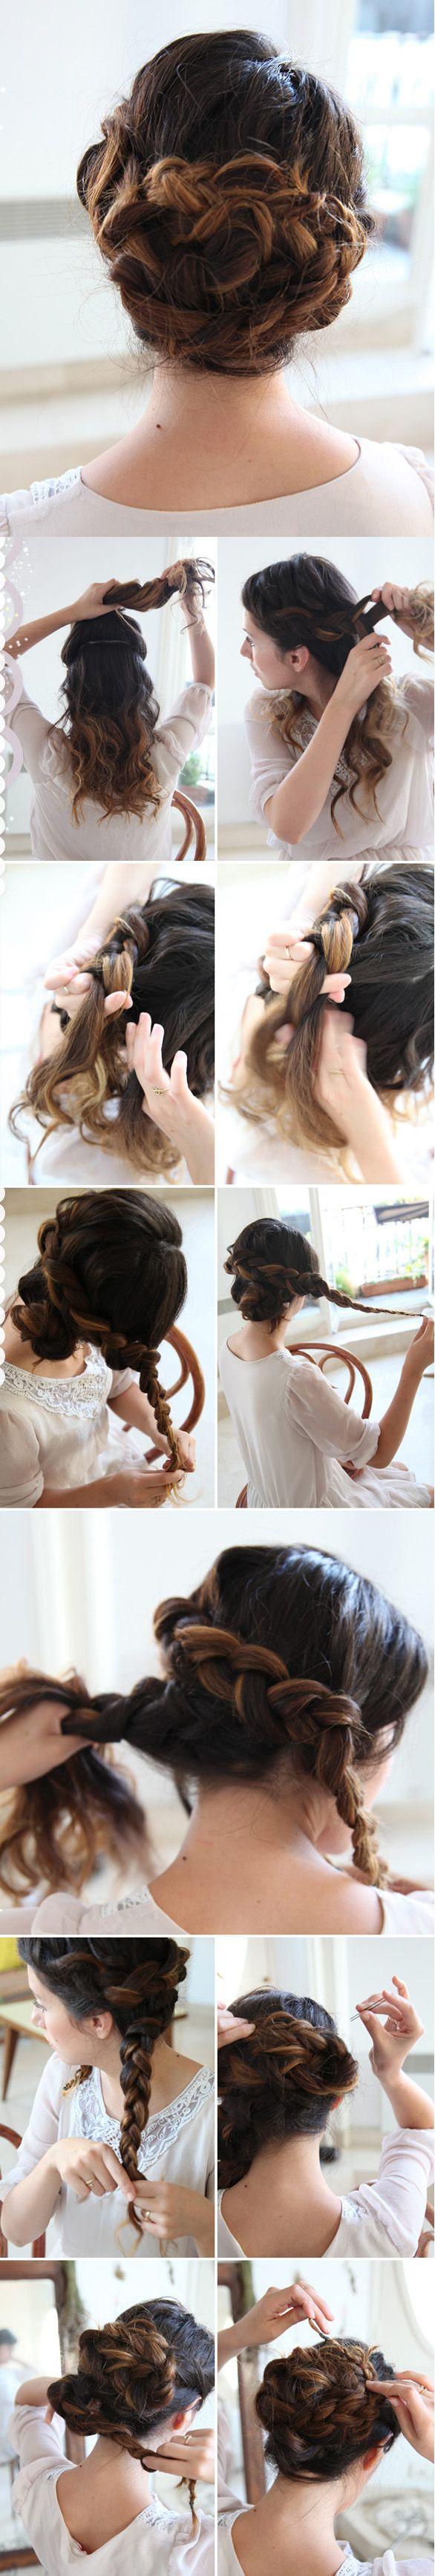 #cabello#peinados